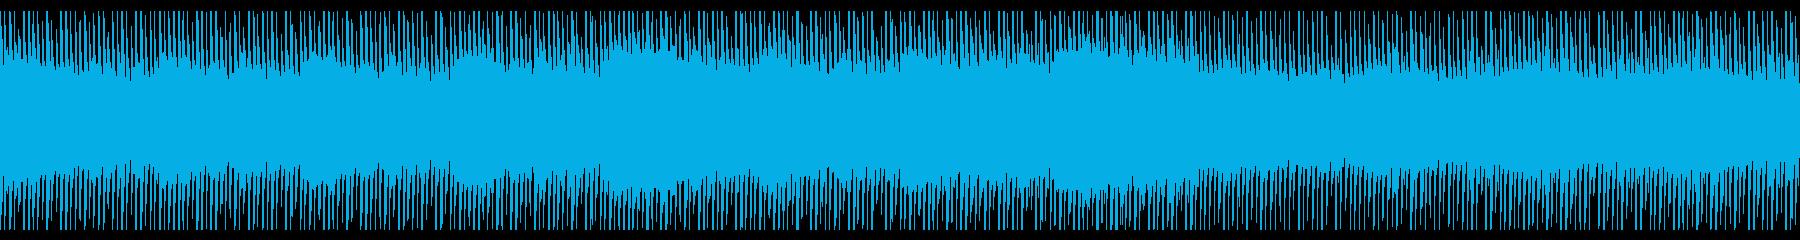 1分30秒のループ音源の再生済みの波形